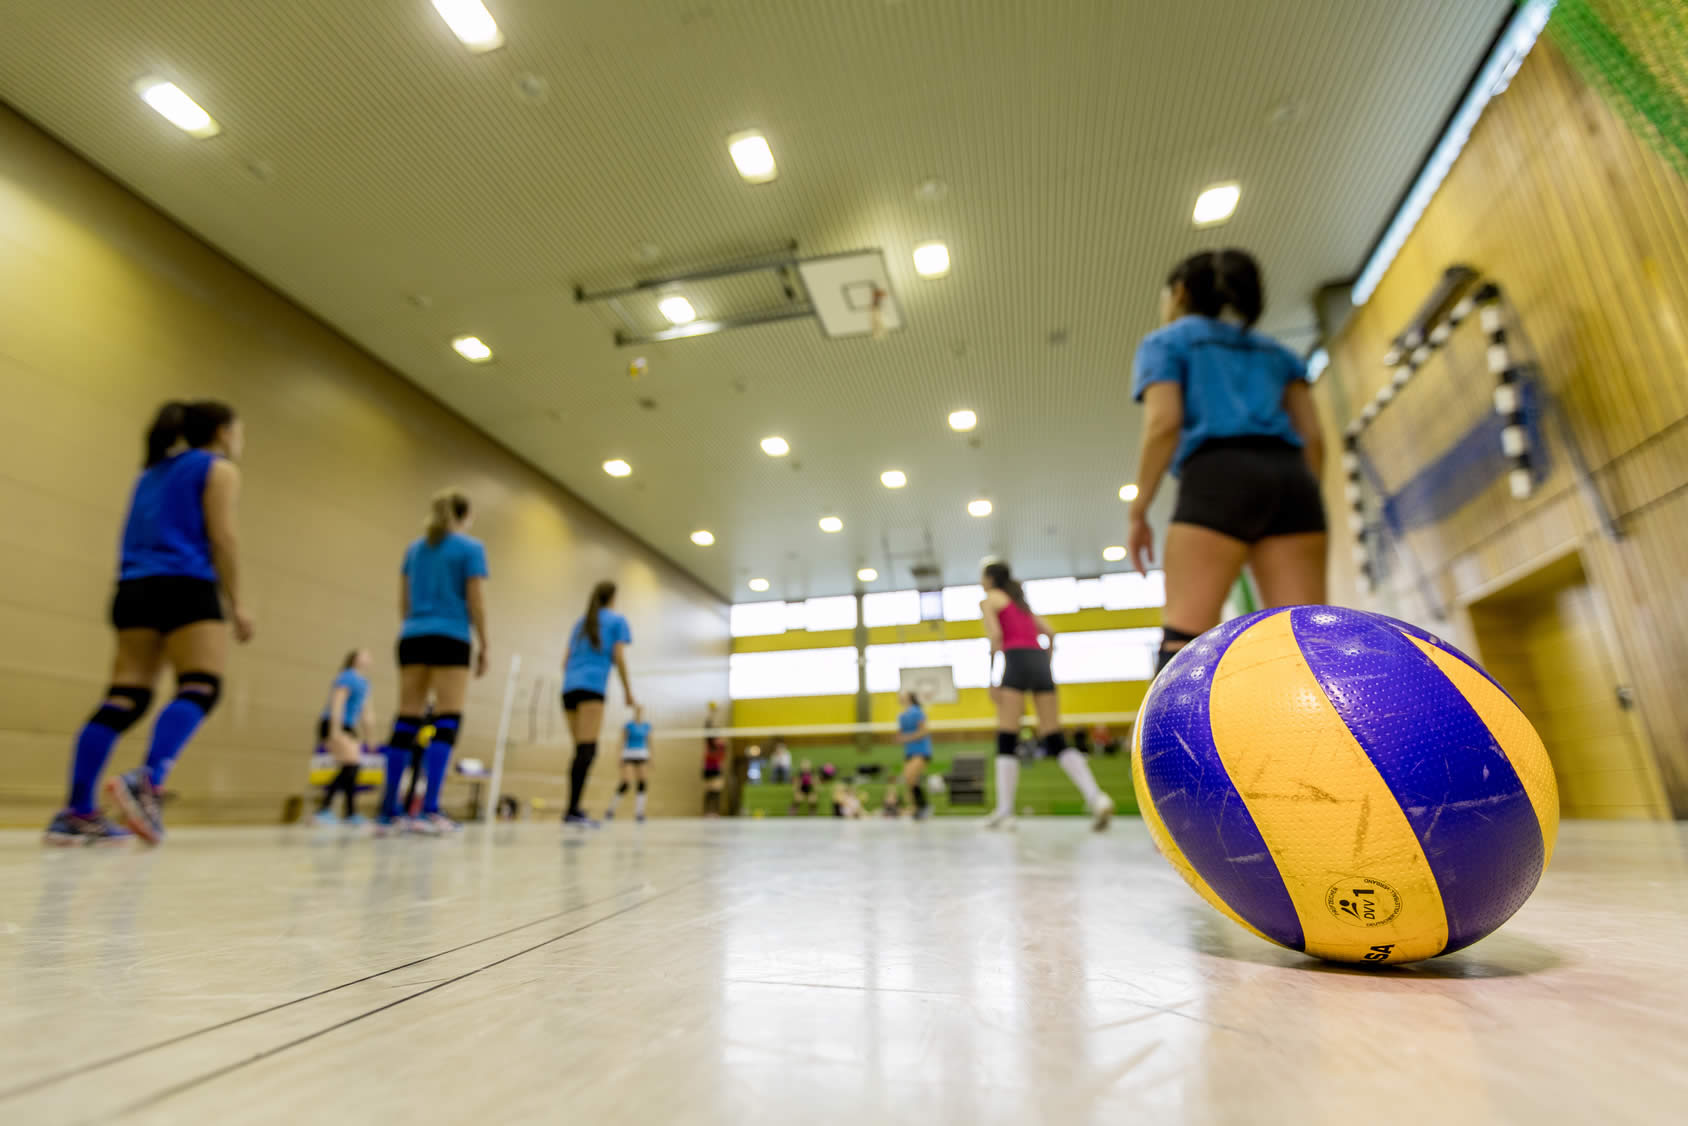 Que es el voleibol y sus reglas basicas